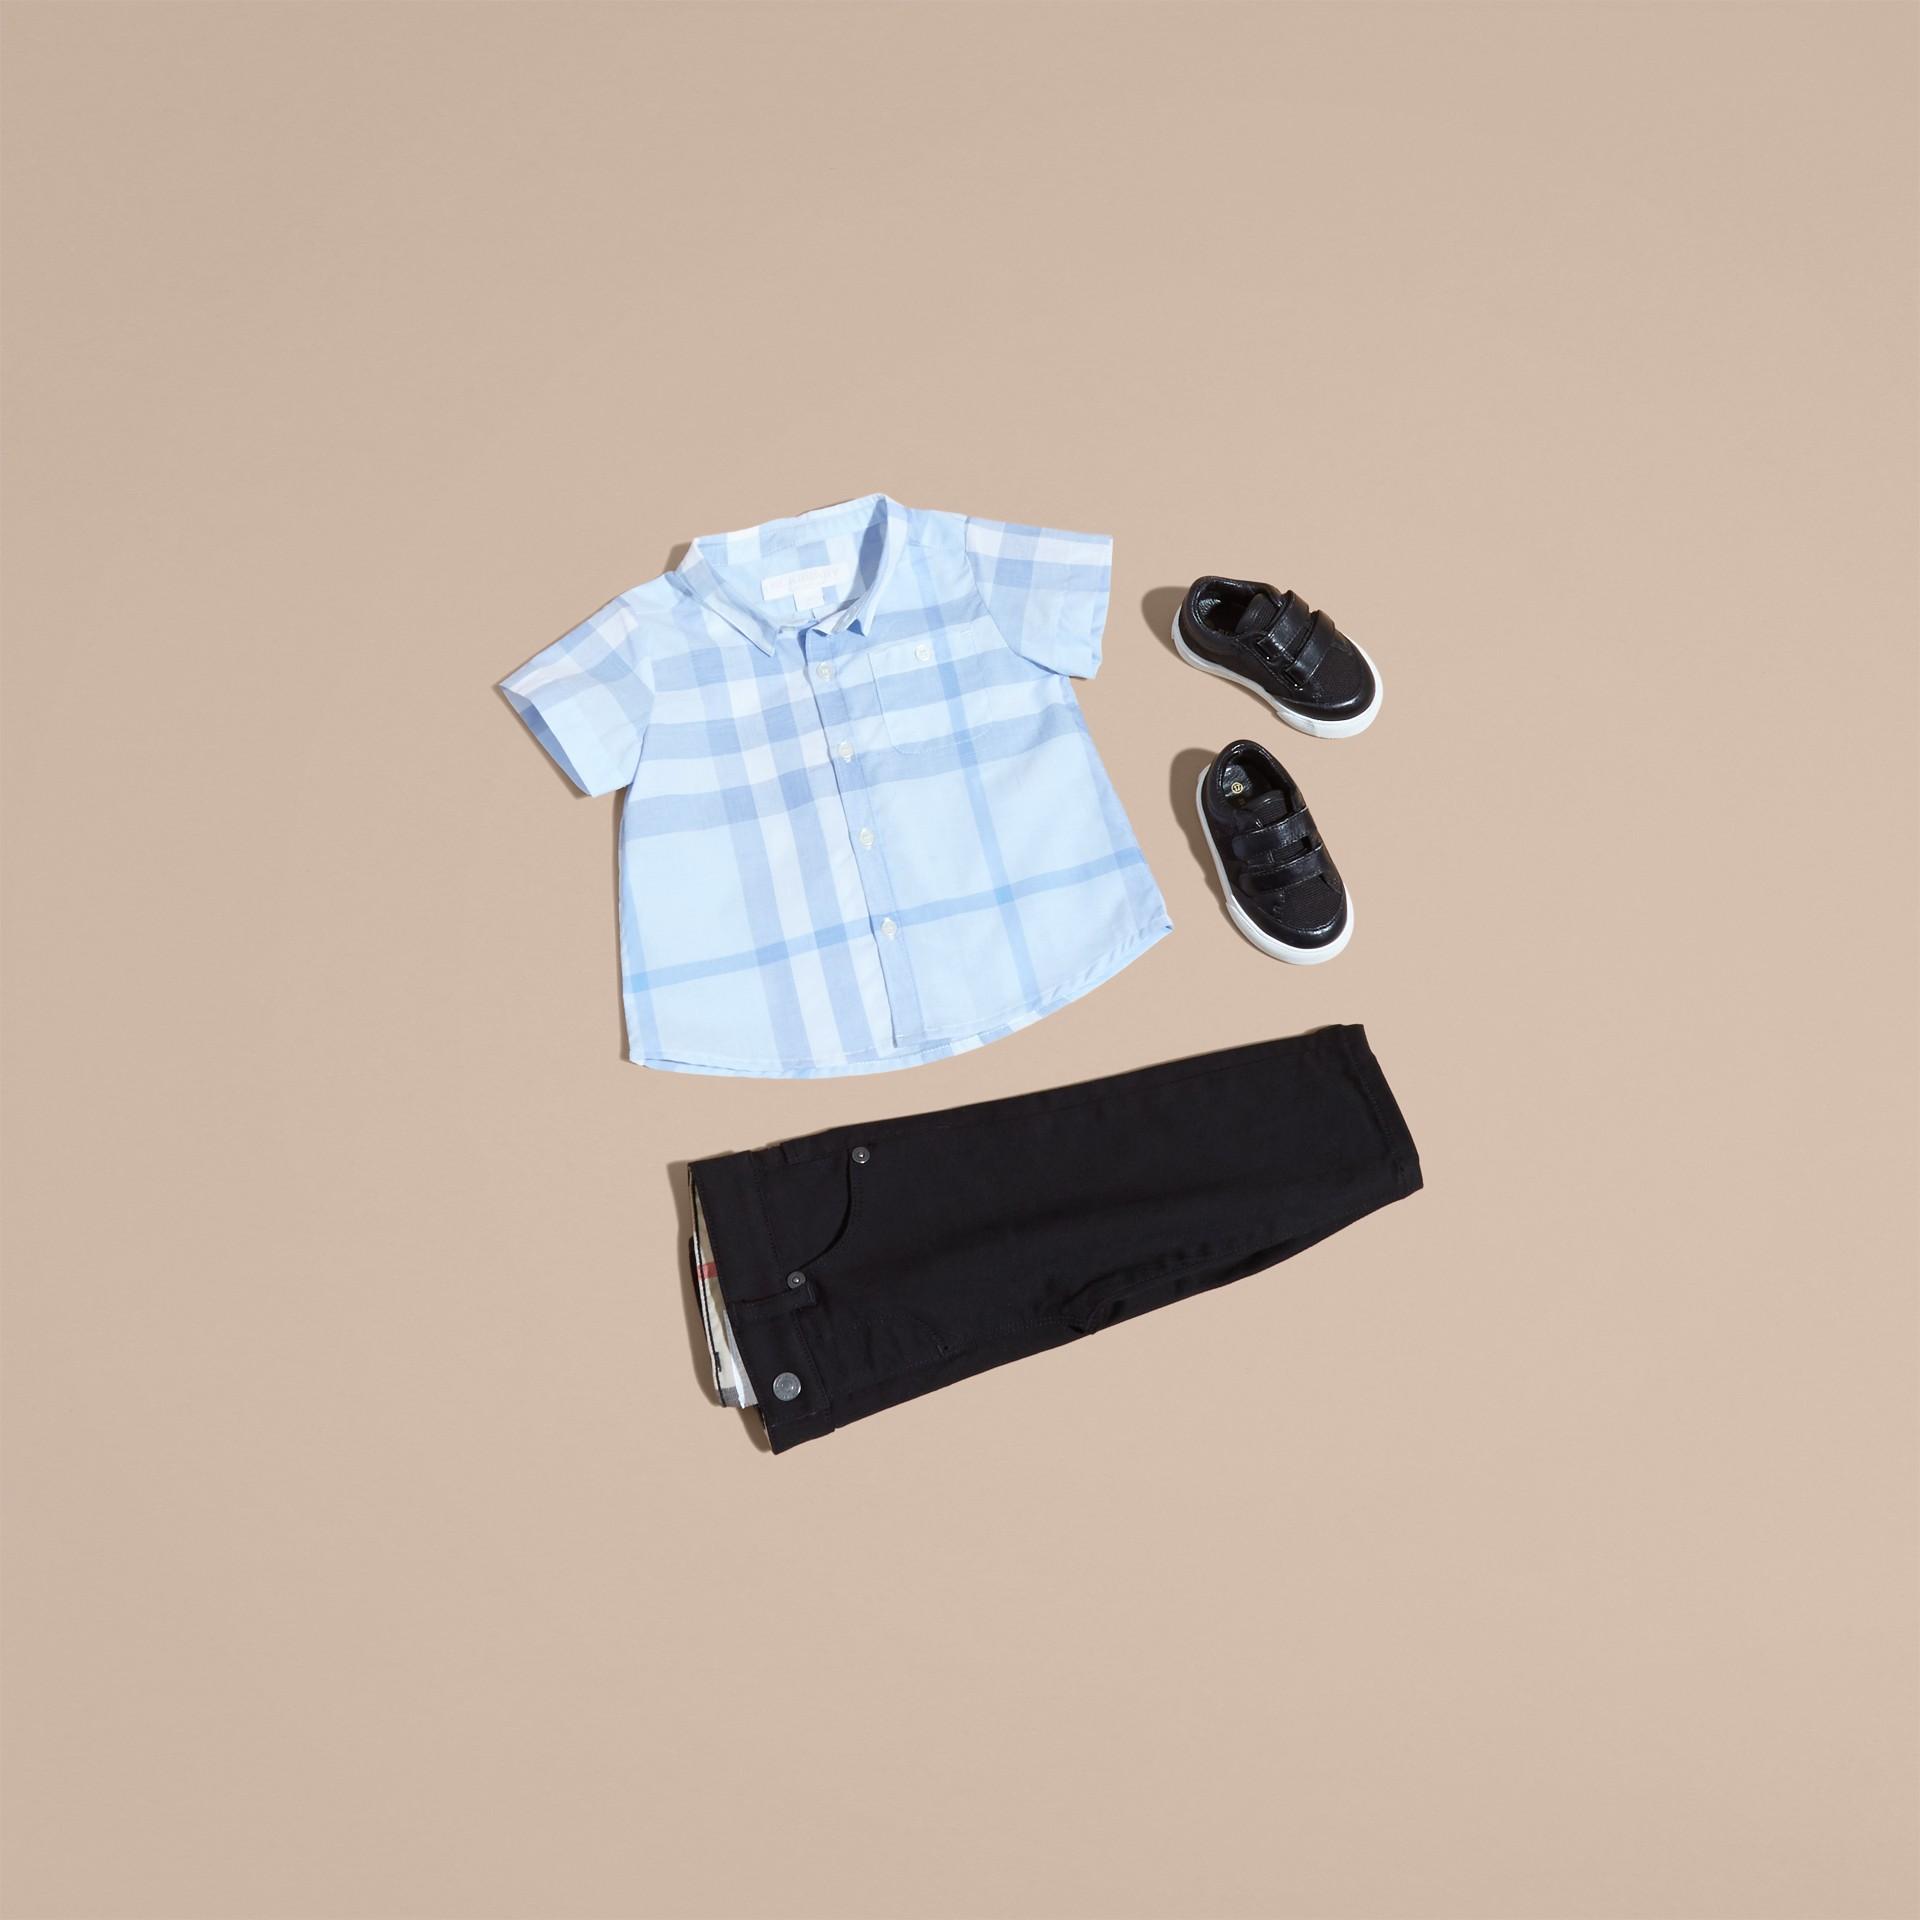 Bleu glacé Chemise en coton à manches courtes avec motif check - photo de la galerie 5